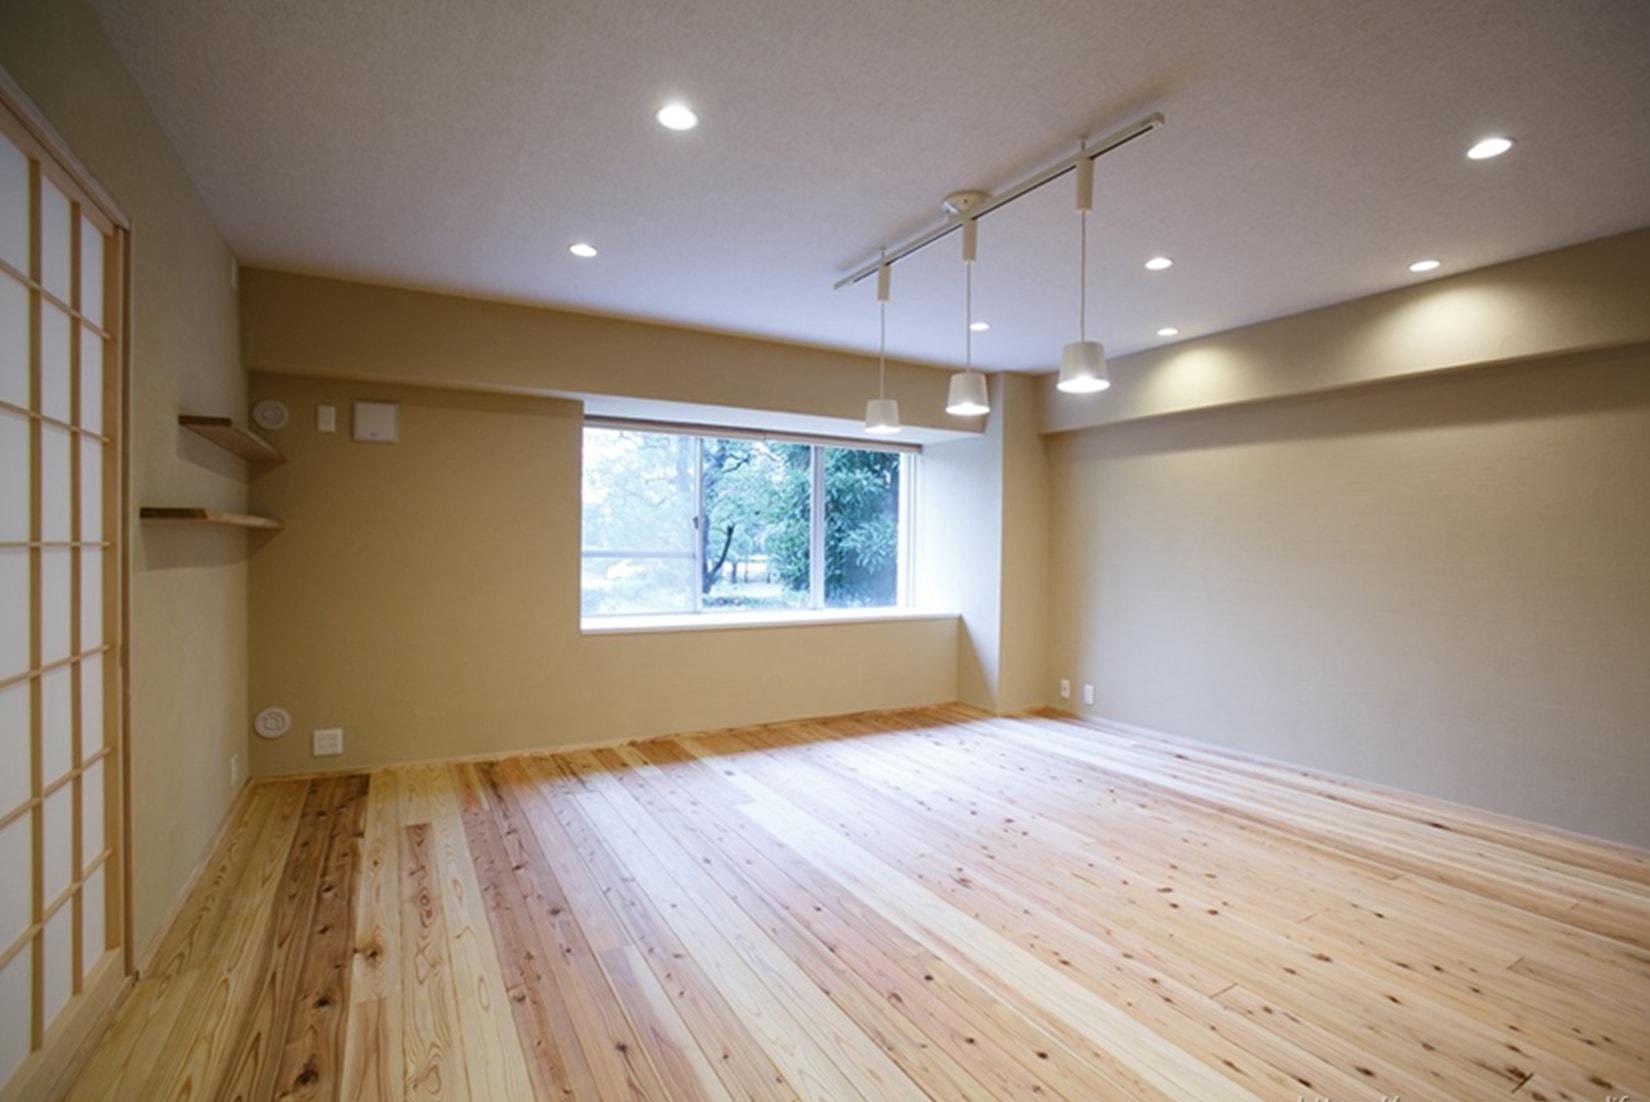 駿河屋「木材・無垢のフローリング」の事例